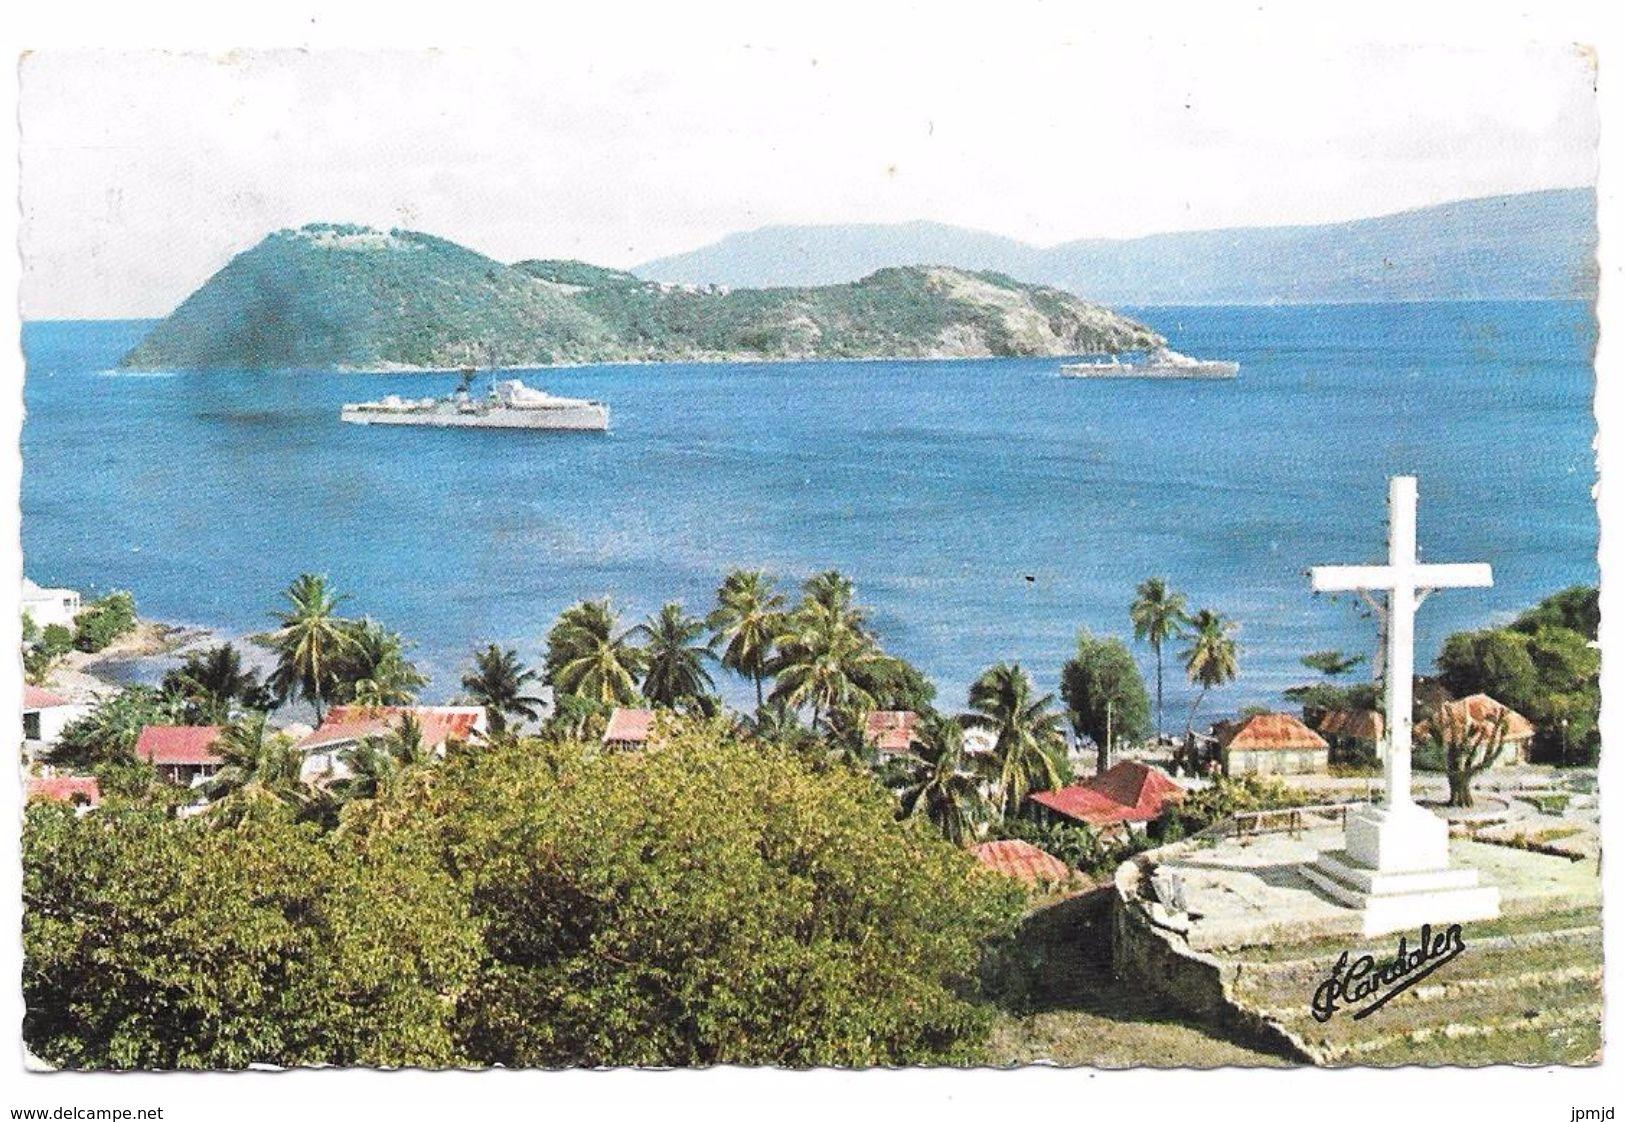 97 - GUADELOUPE - SAINTES - Terre De Haut - L'Ilet à Cabris - Collection Parmin Candalen N° N-76 - 1969 - Guadeloupe